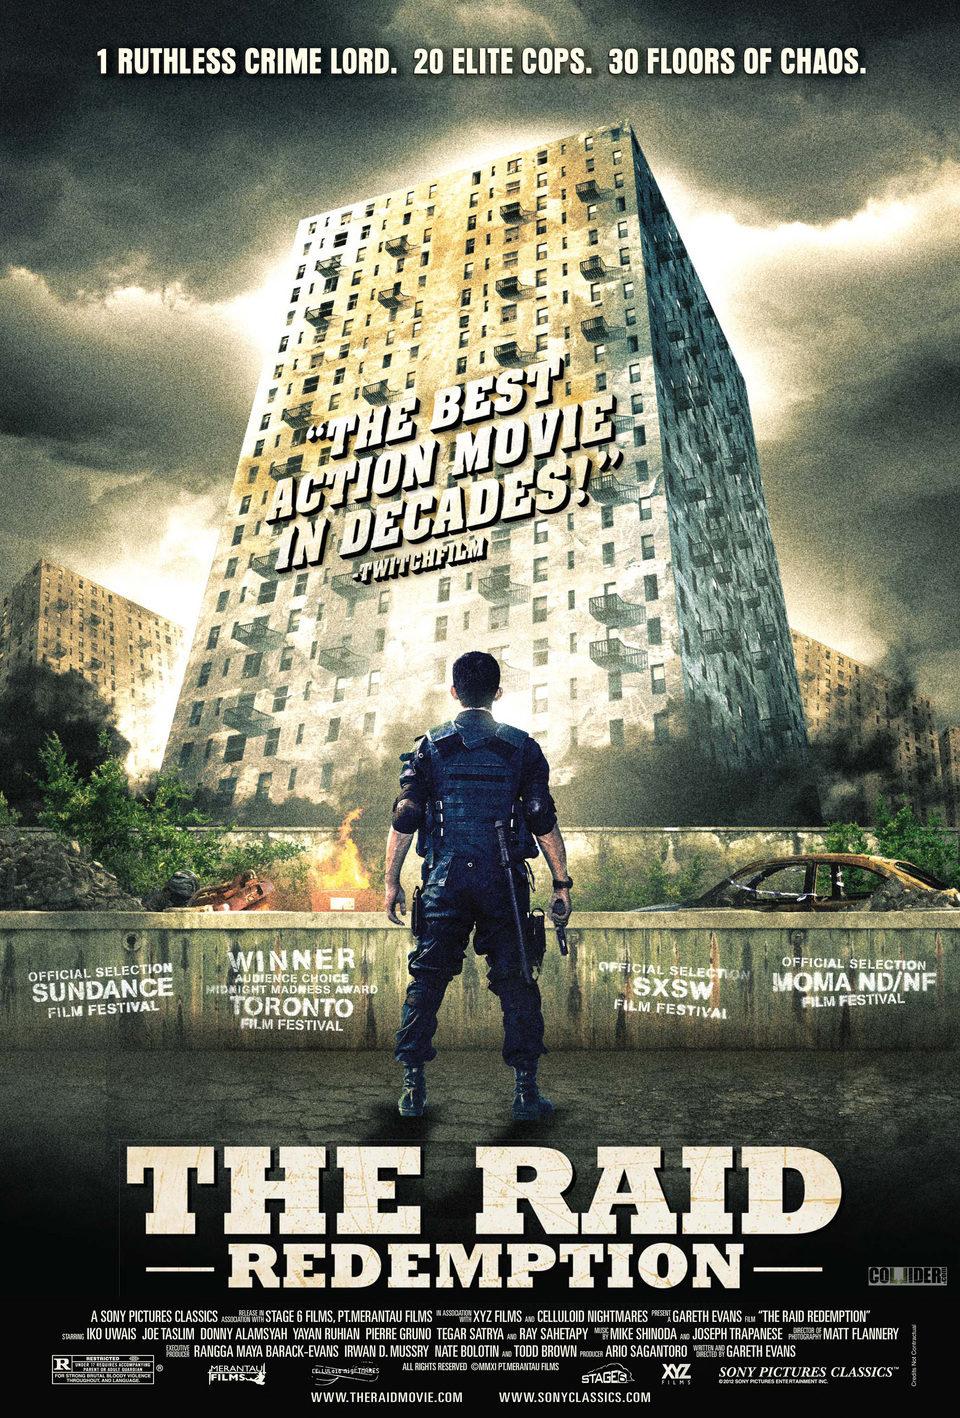 Cartel Estados Unidos de 'The Raid: Redemption'